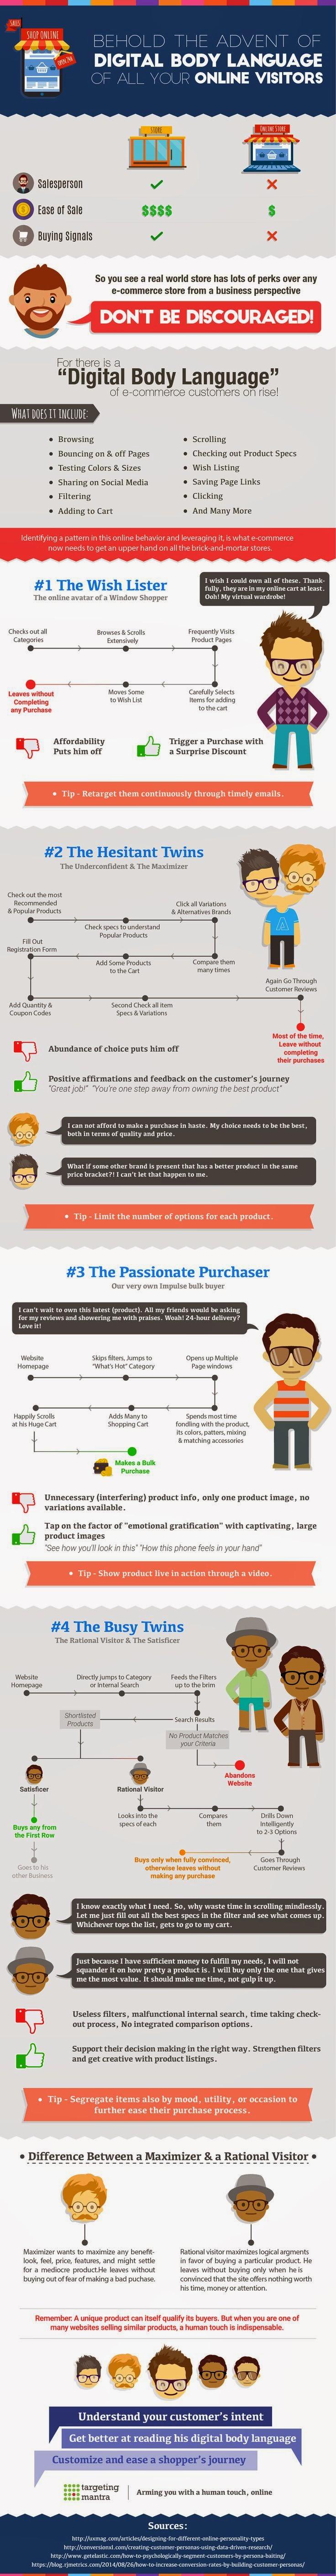 Los 4 tipos de visitantes digitales y cómo convertirlos en compradores #ecommerce